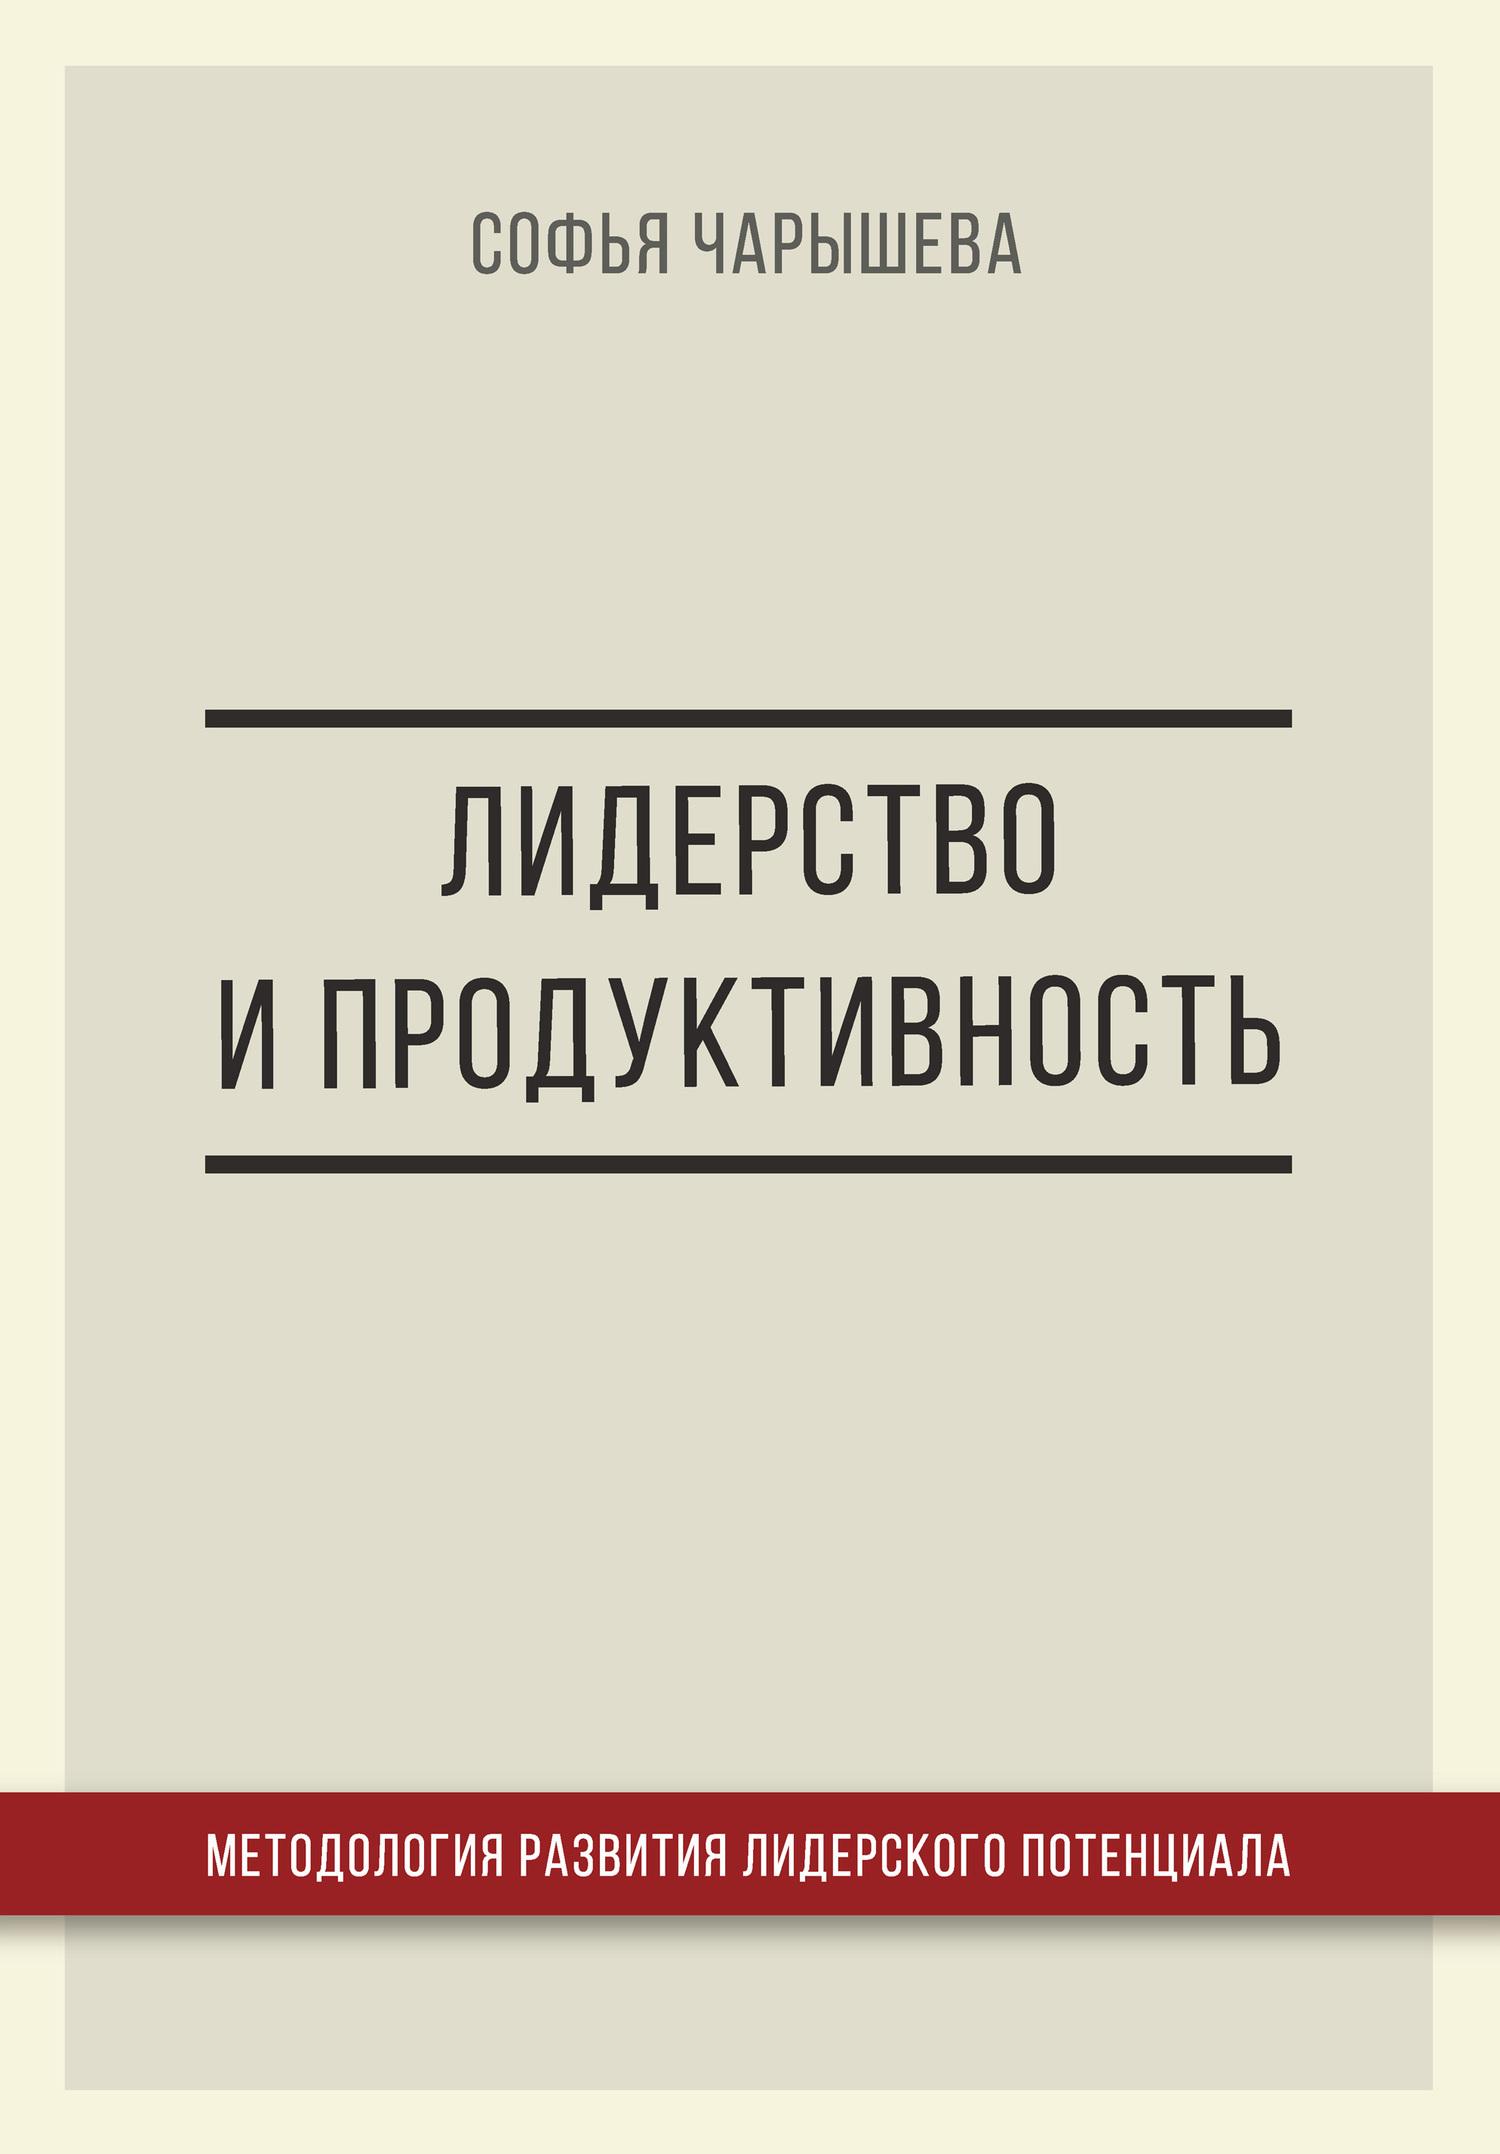 Обложка книги. Автор - Софья Чарышева